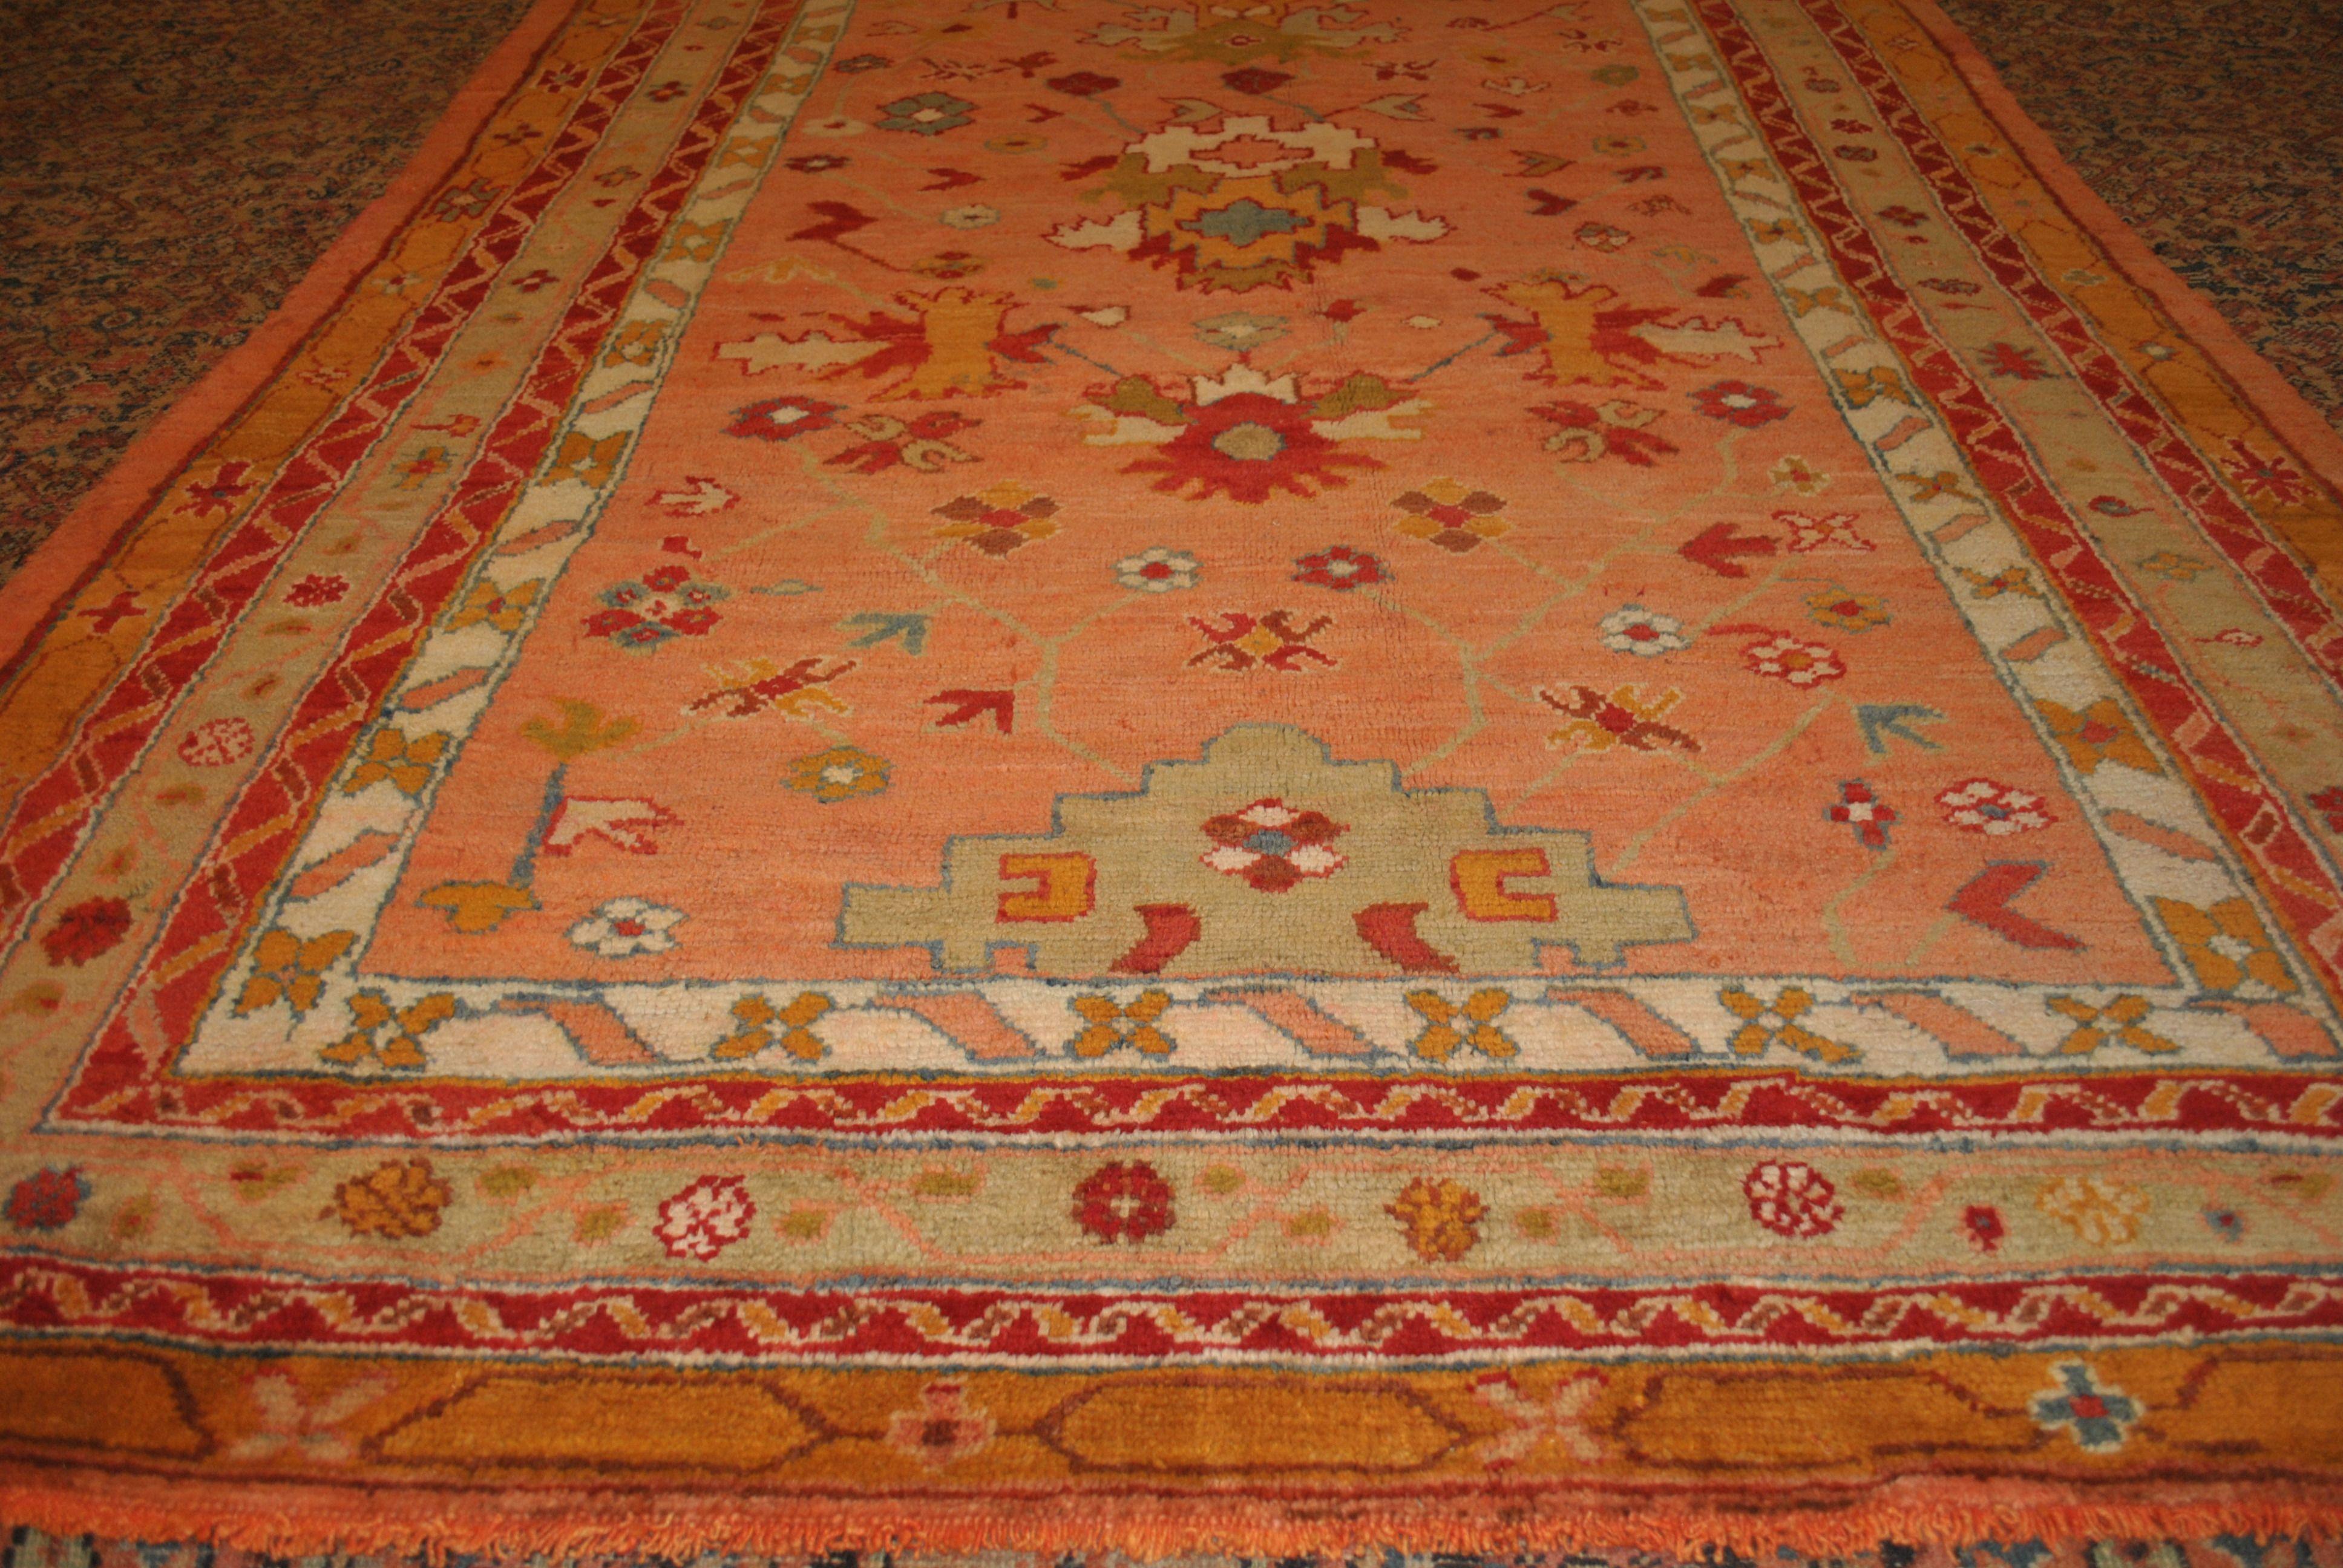 FR5452 Antique Turkish Oushak. Color. Home Décor. Rugs. Antique Rugs. Vintage Rugs. Old Rugs. Oushak. Farzin Rugs. Dallas, Tx